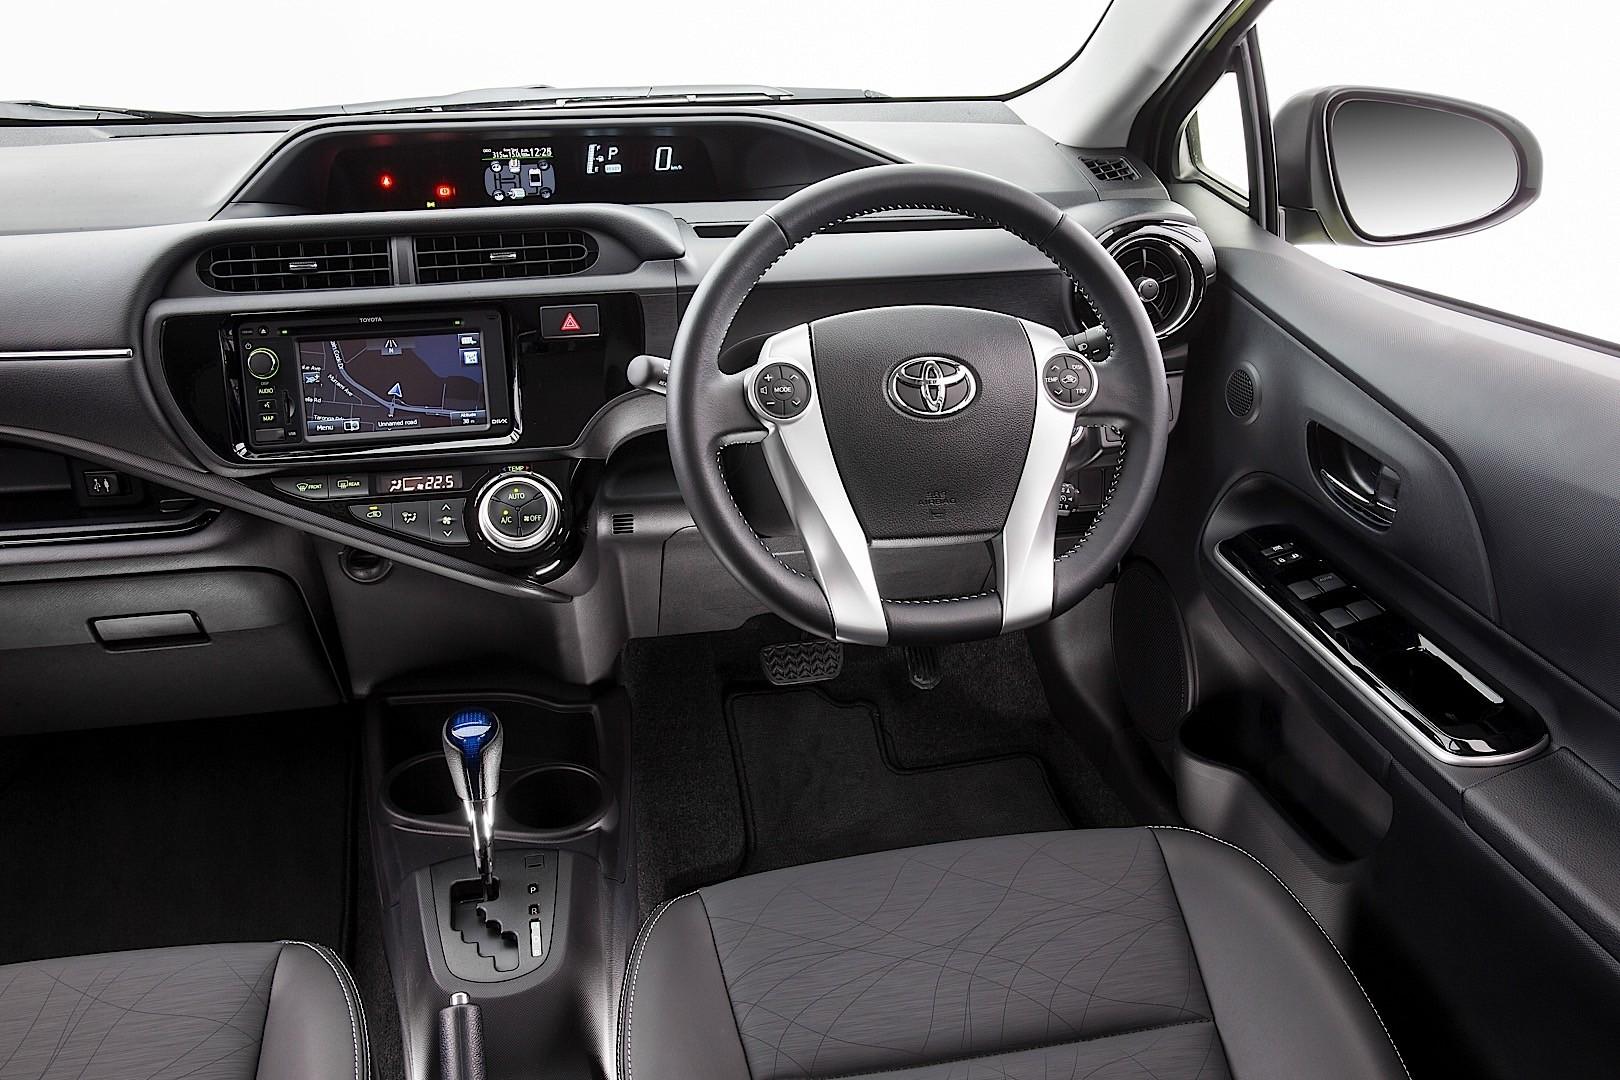 Toyota Aqua 2020 Interior